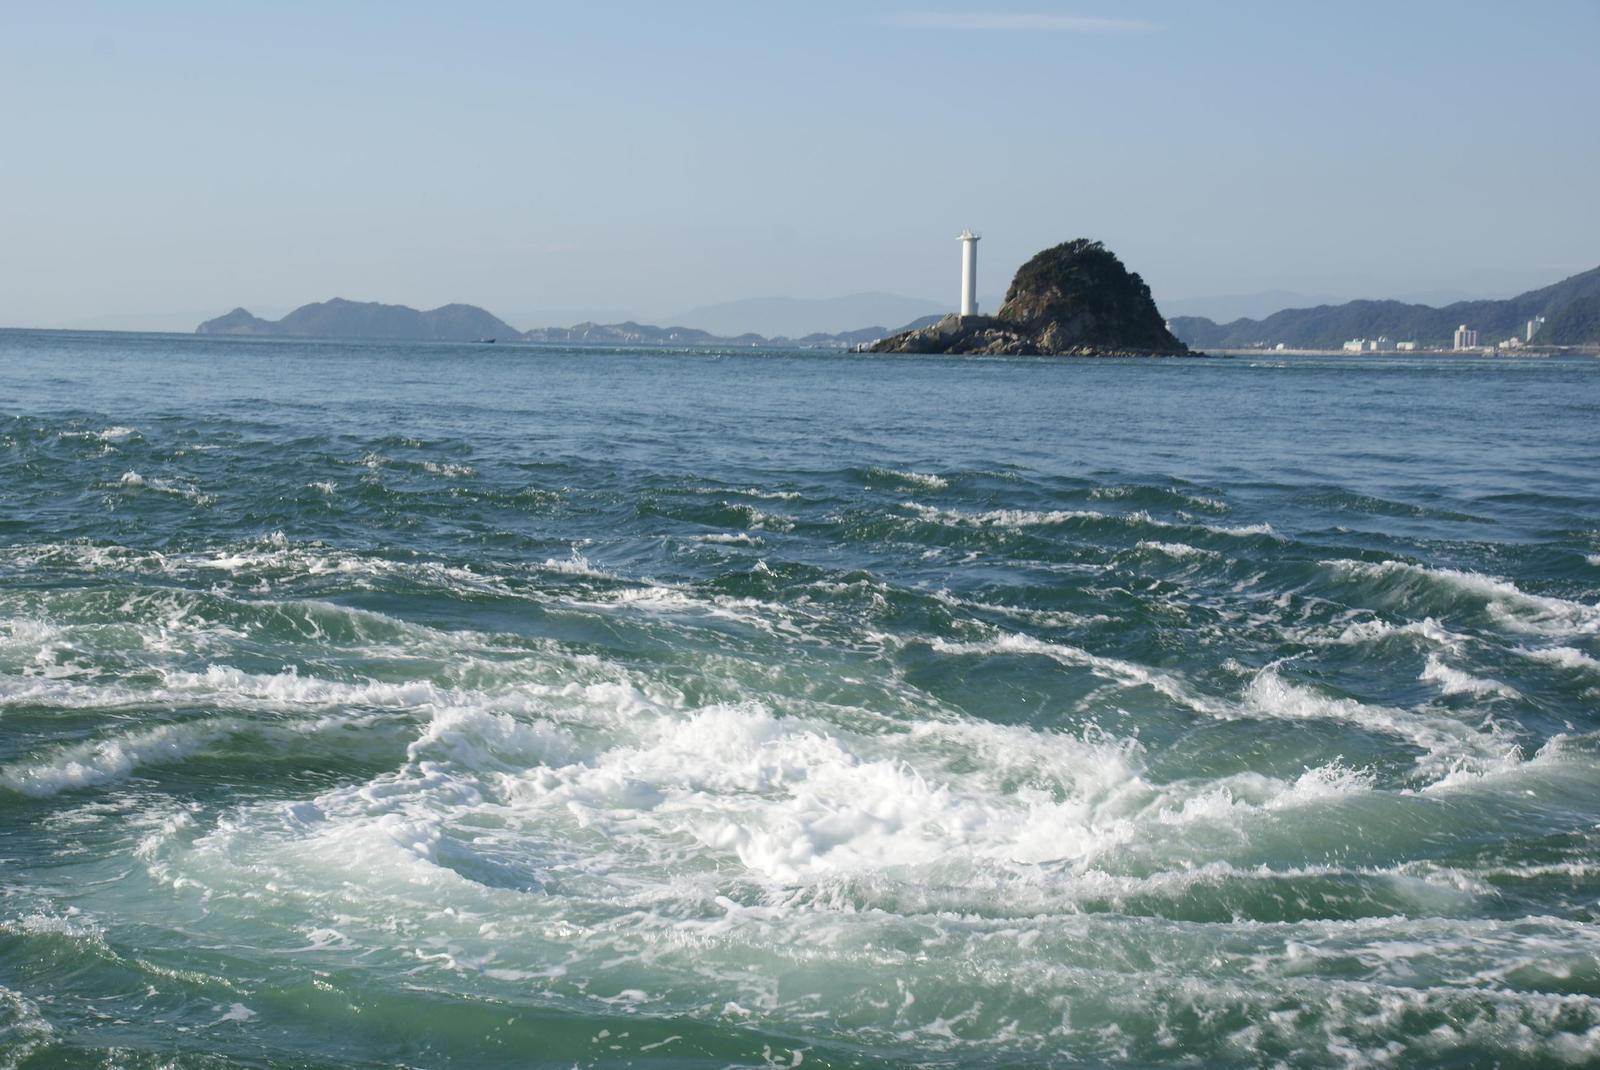 世界最大級のダイナミックな渦潮『鳴門の渦潮』 | wondertrip 旅行・観光マガジン 世界